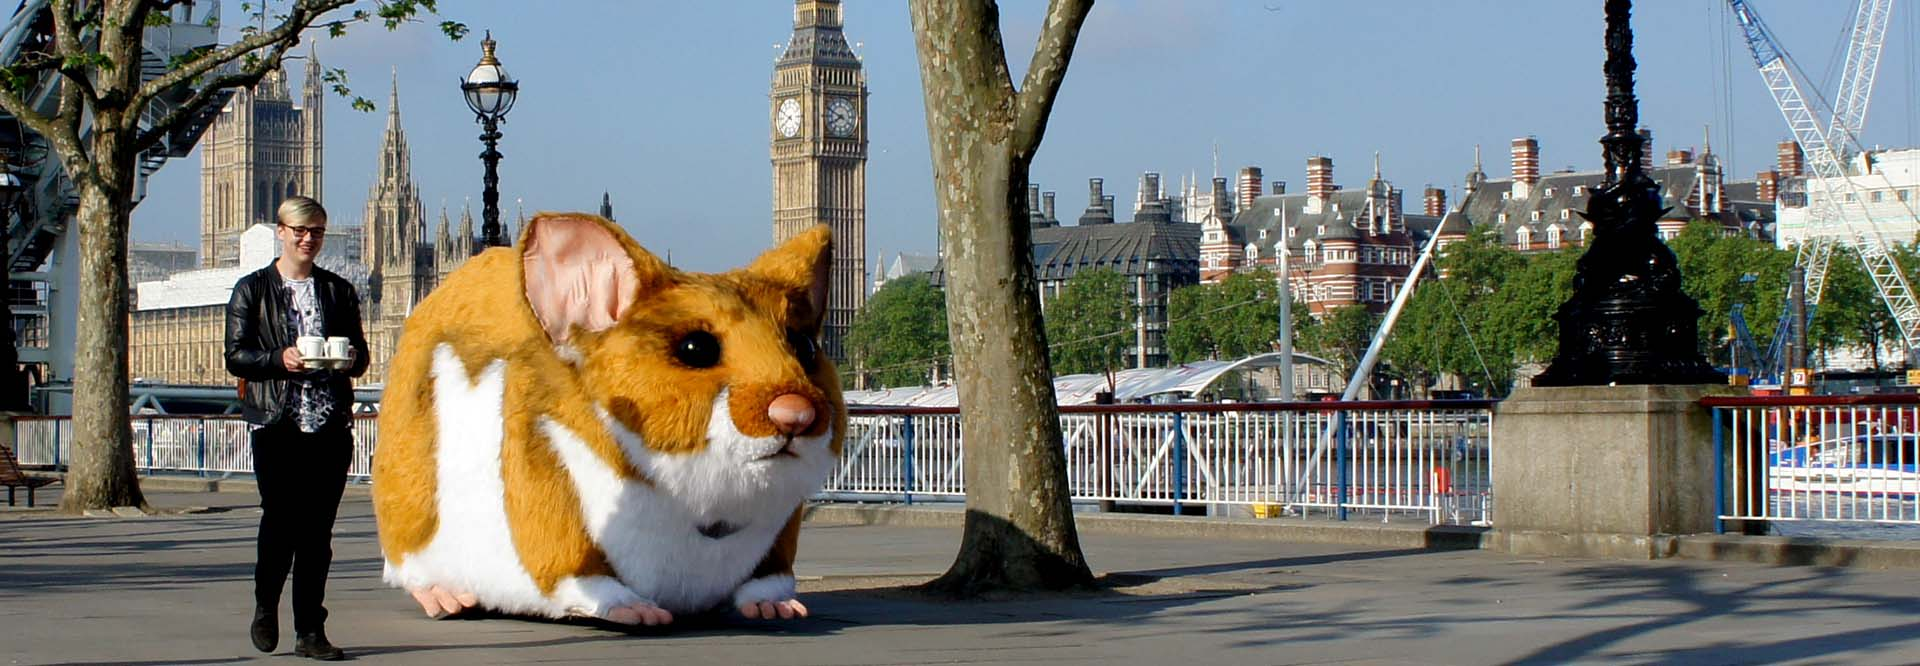 Kwick Fit Jaffa Hamster